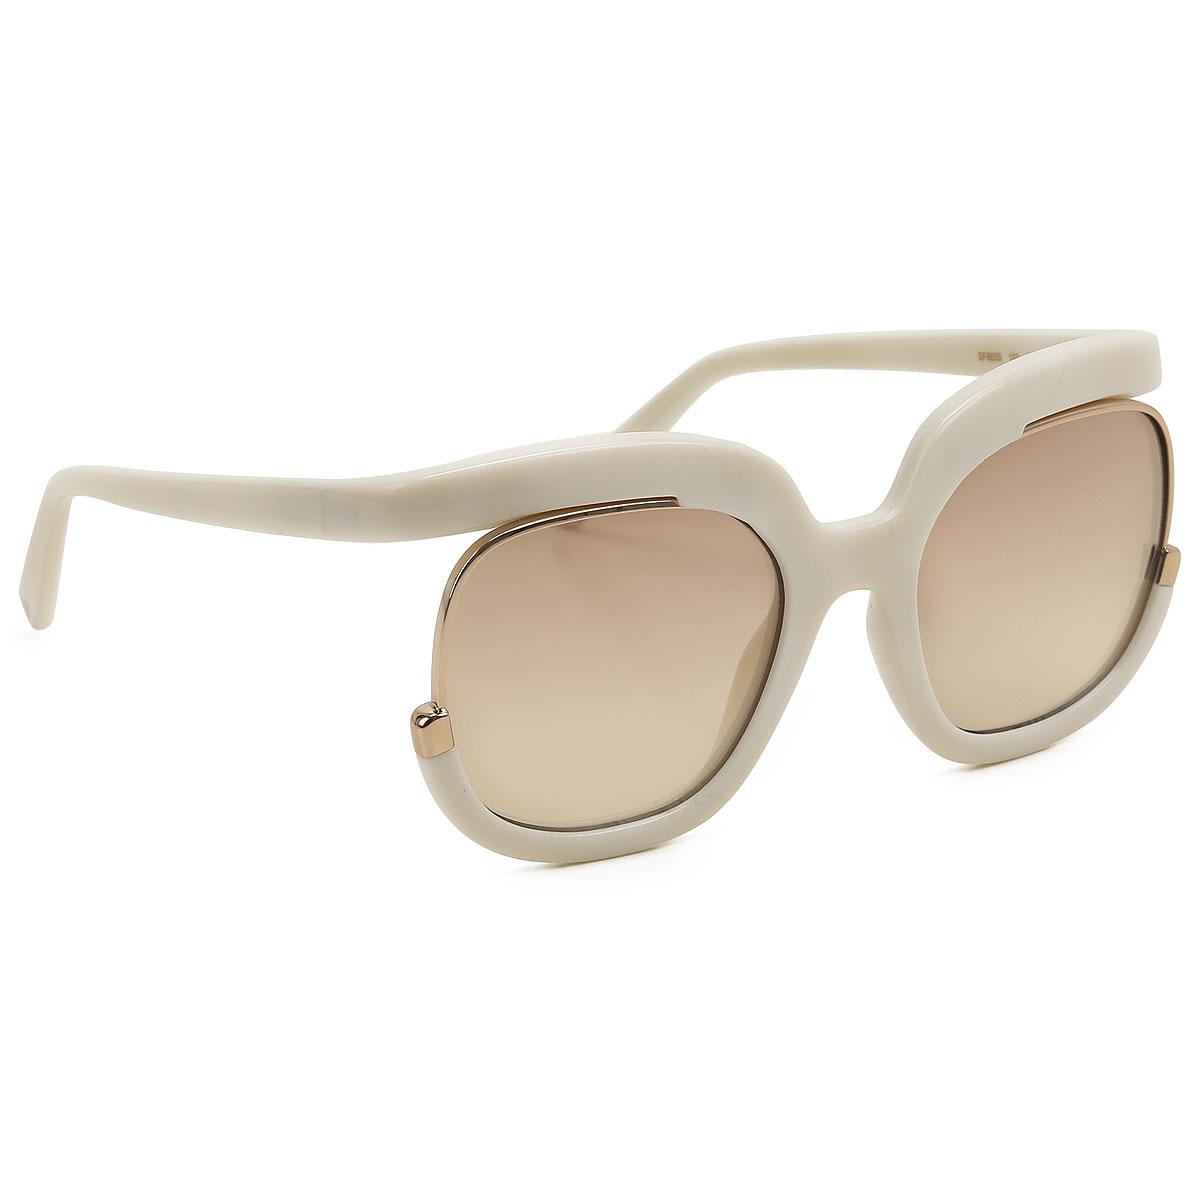 fed926c0a5 ... Gafas y Lentes de Sol Salvatore Ferragamo. PANTALLA COMPLETA. 1)  Presionar y Girar Manualmente 2) Doble Clic para Girar Automaticamente